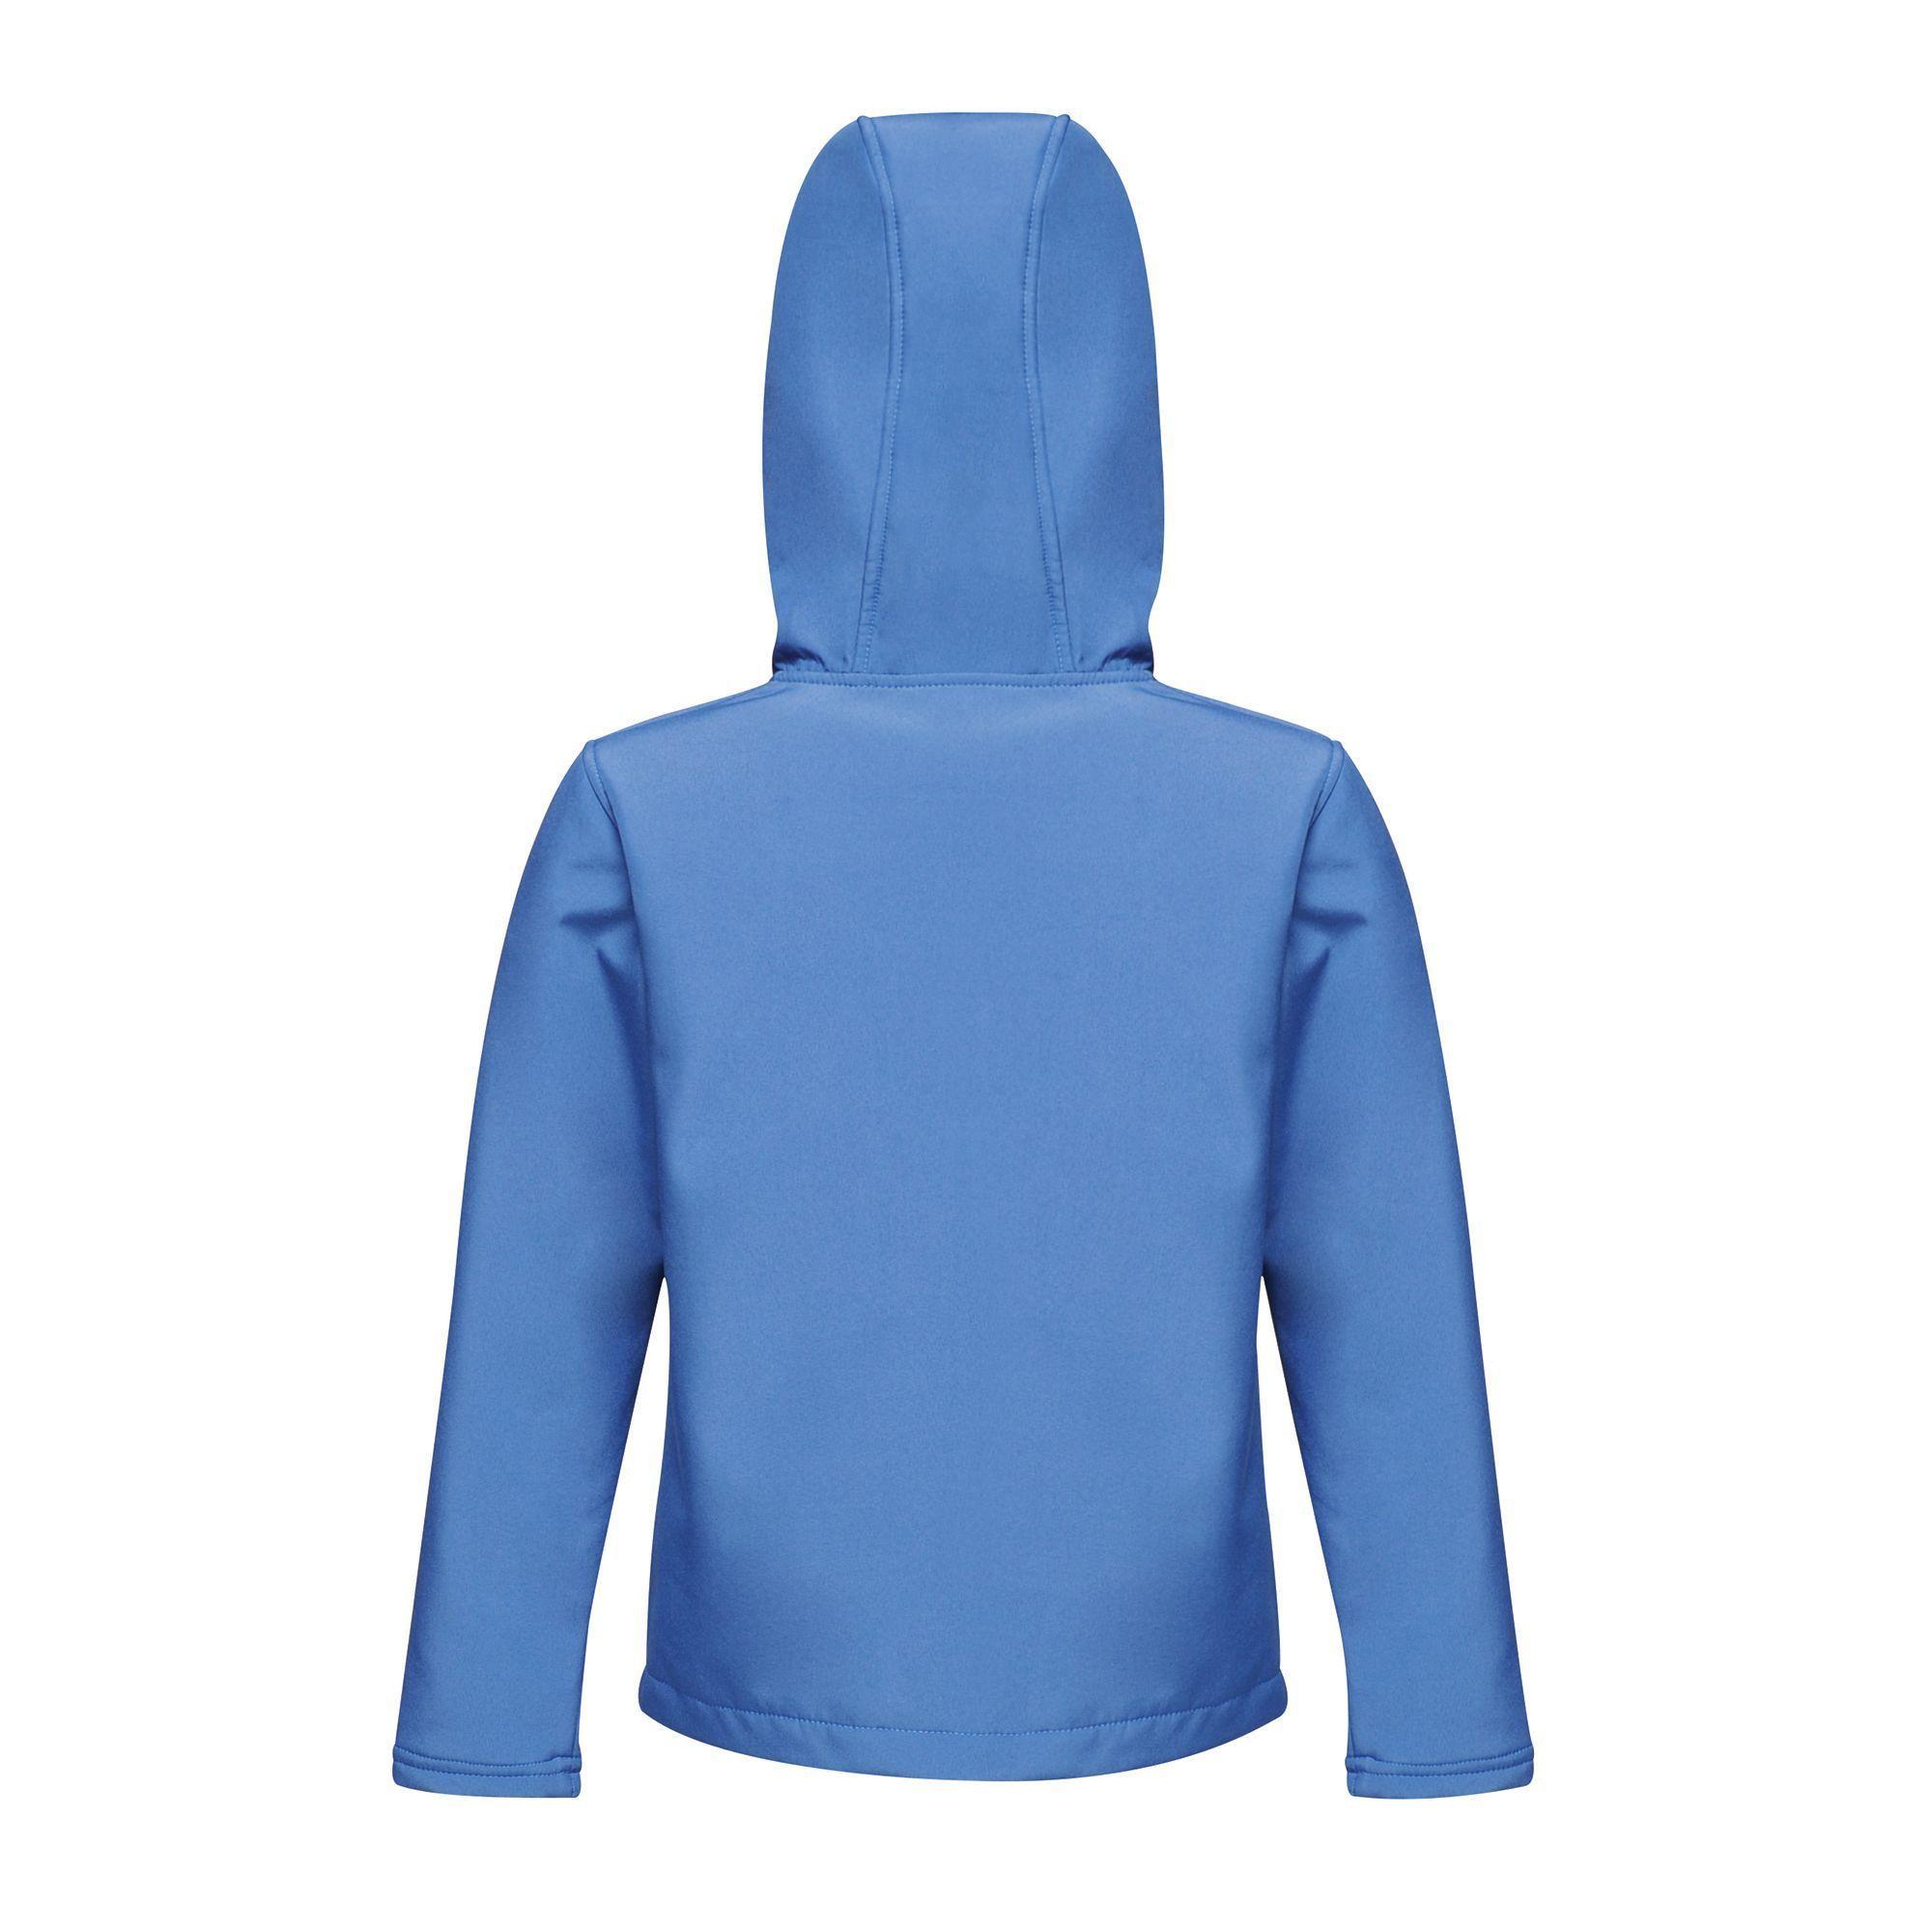 Regatta Childrens/Kids Octagon Softshell Jacket